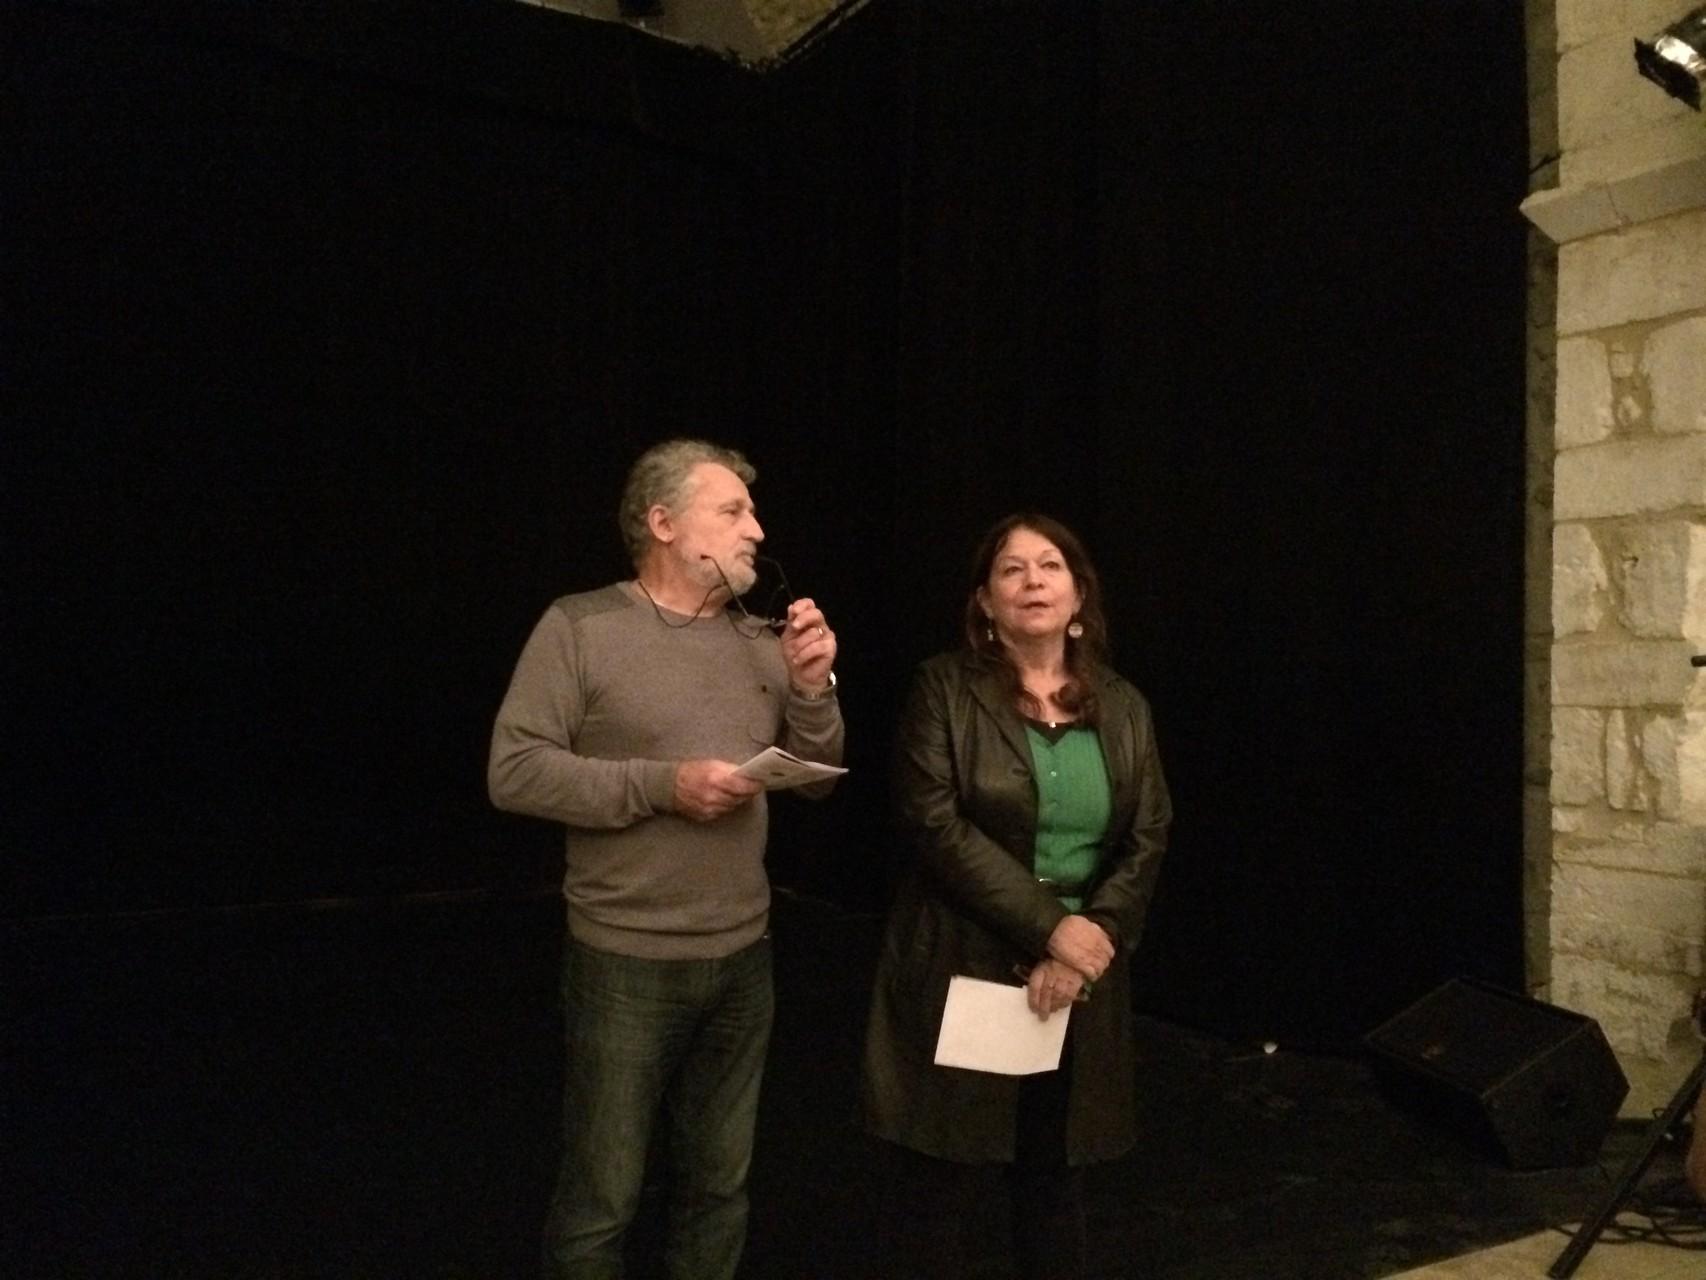 Michel Rimbault pour Ardèche Dianwali Mali et Mireille Cluzet pour Ardèche Afrique Solidaires